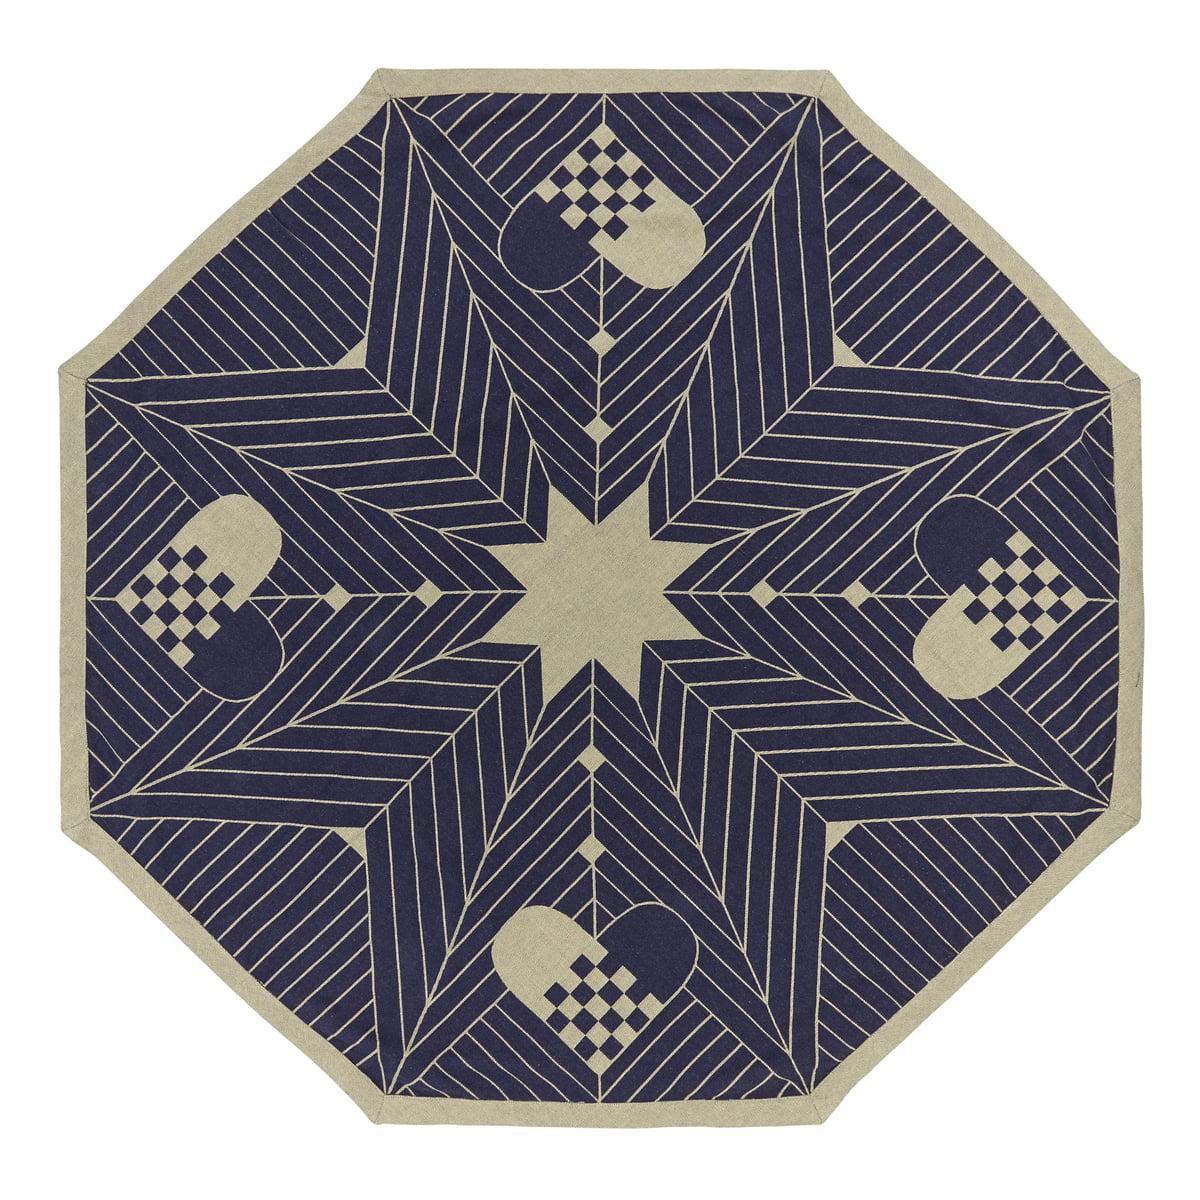 Georg jensen damask octagon weihnachtbaum teppich blau gold freisteller